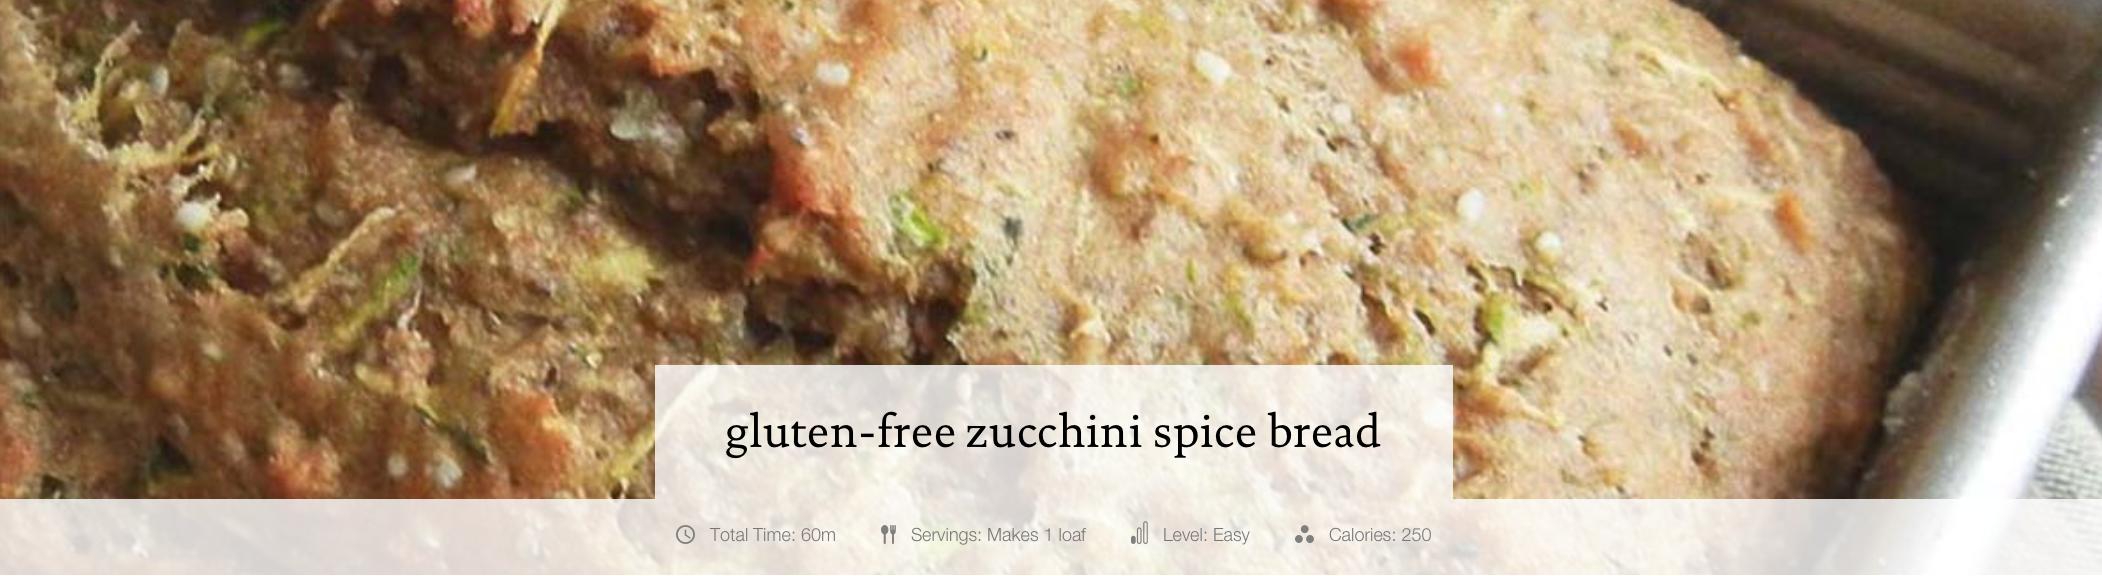 Siggi's Gluten-Free Bread